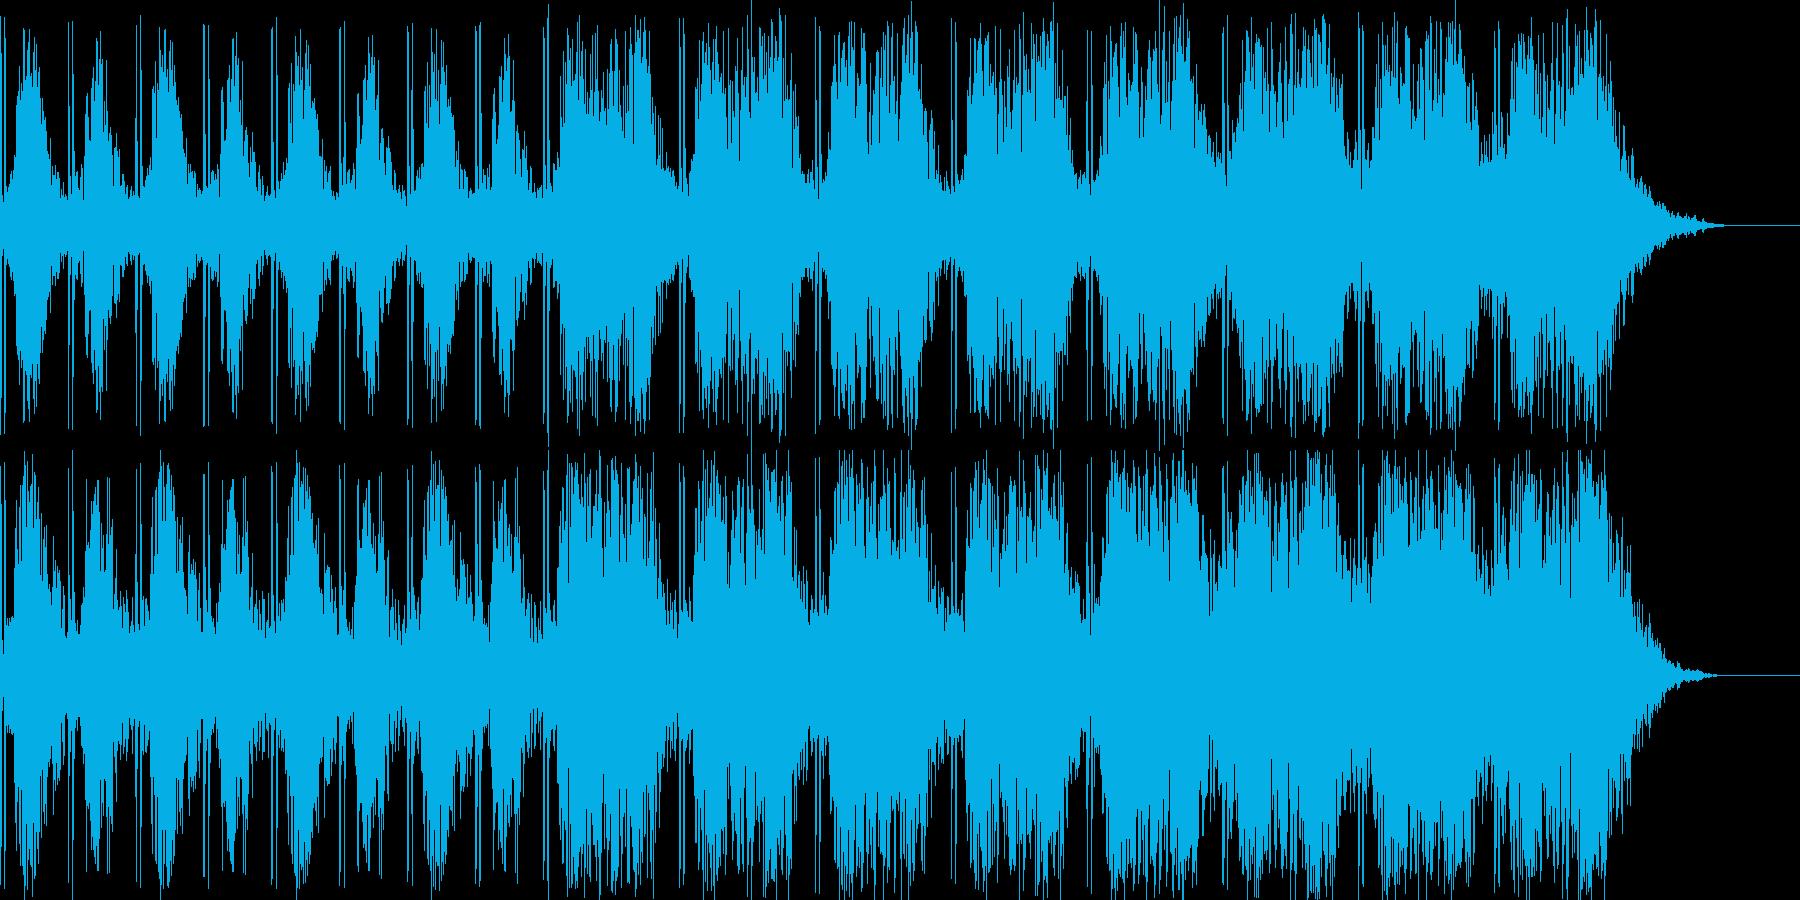 不穏で不気味な雰囲気のBGMの再生済みの波形